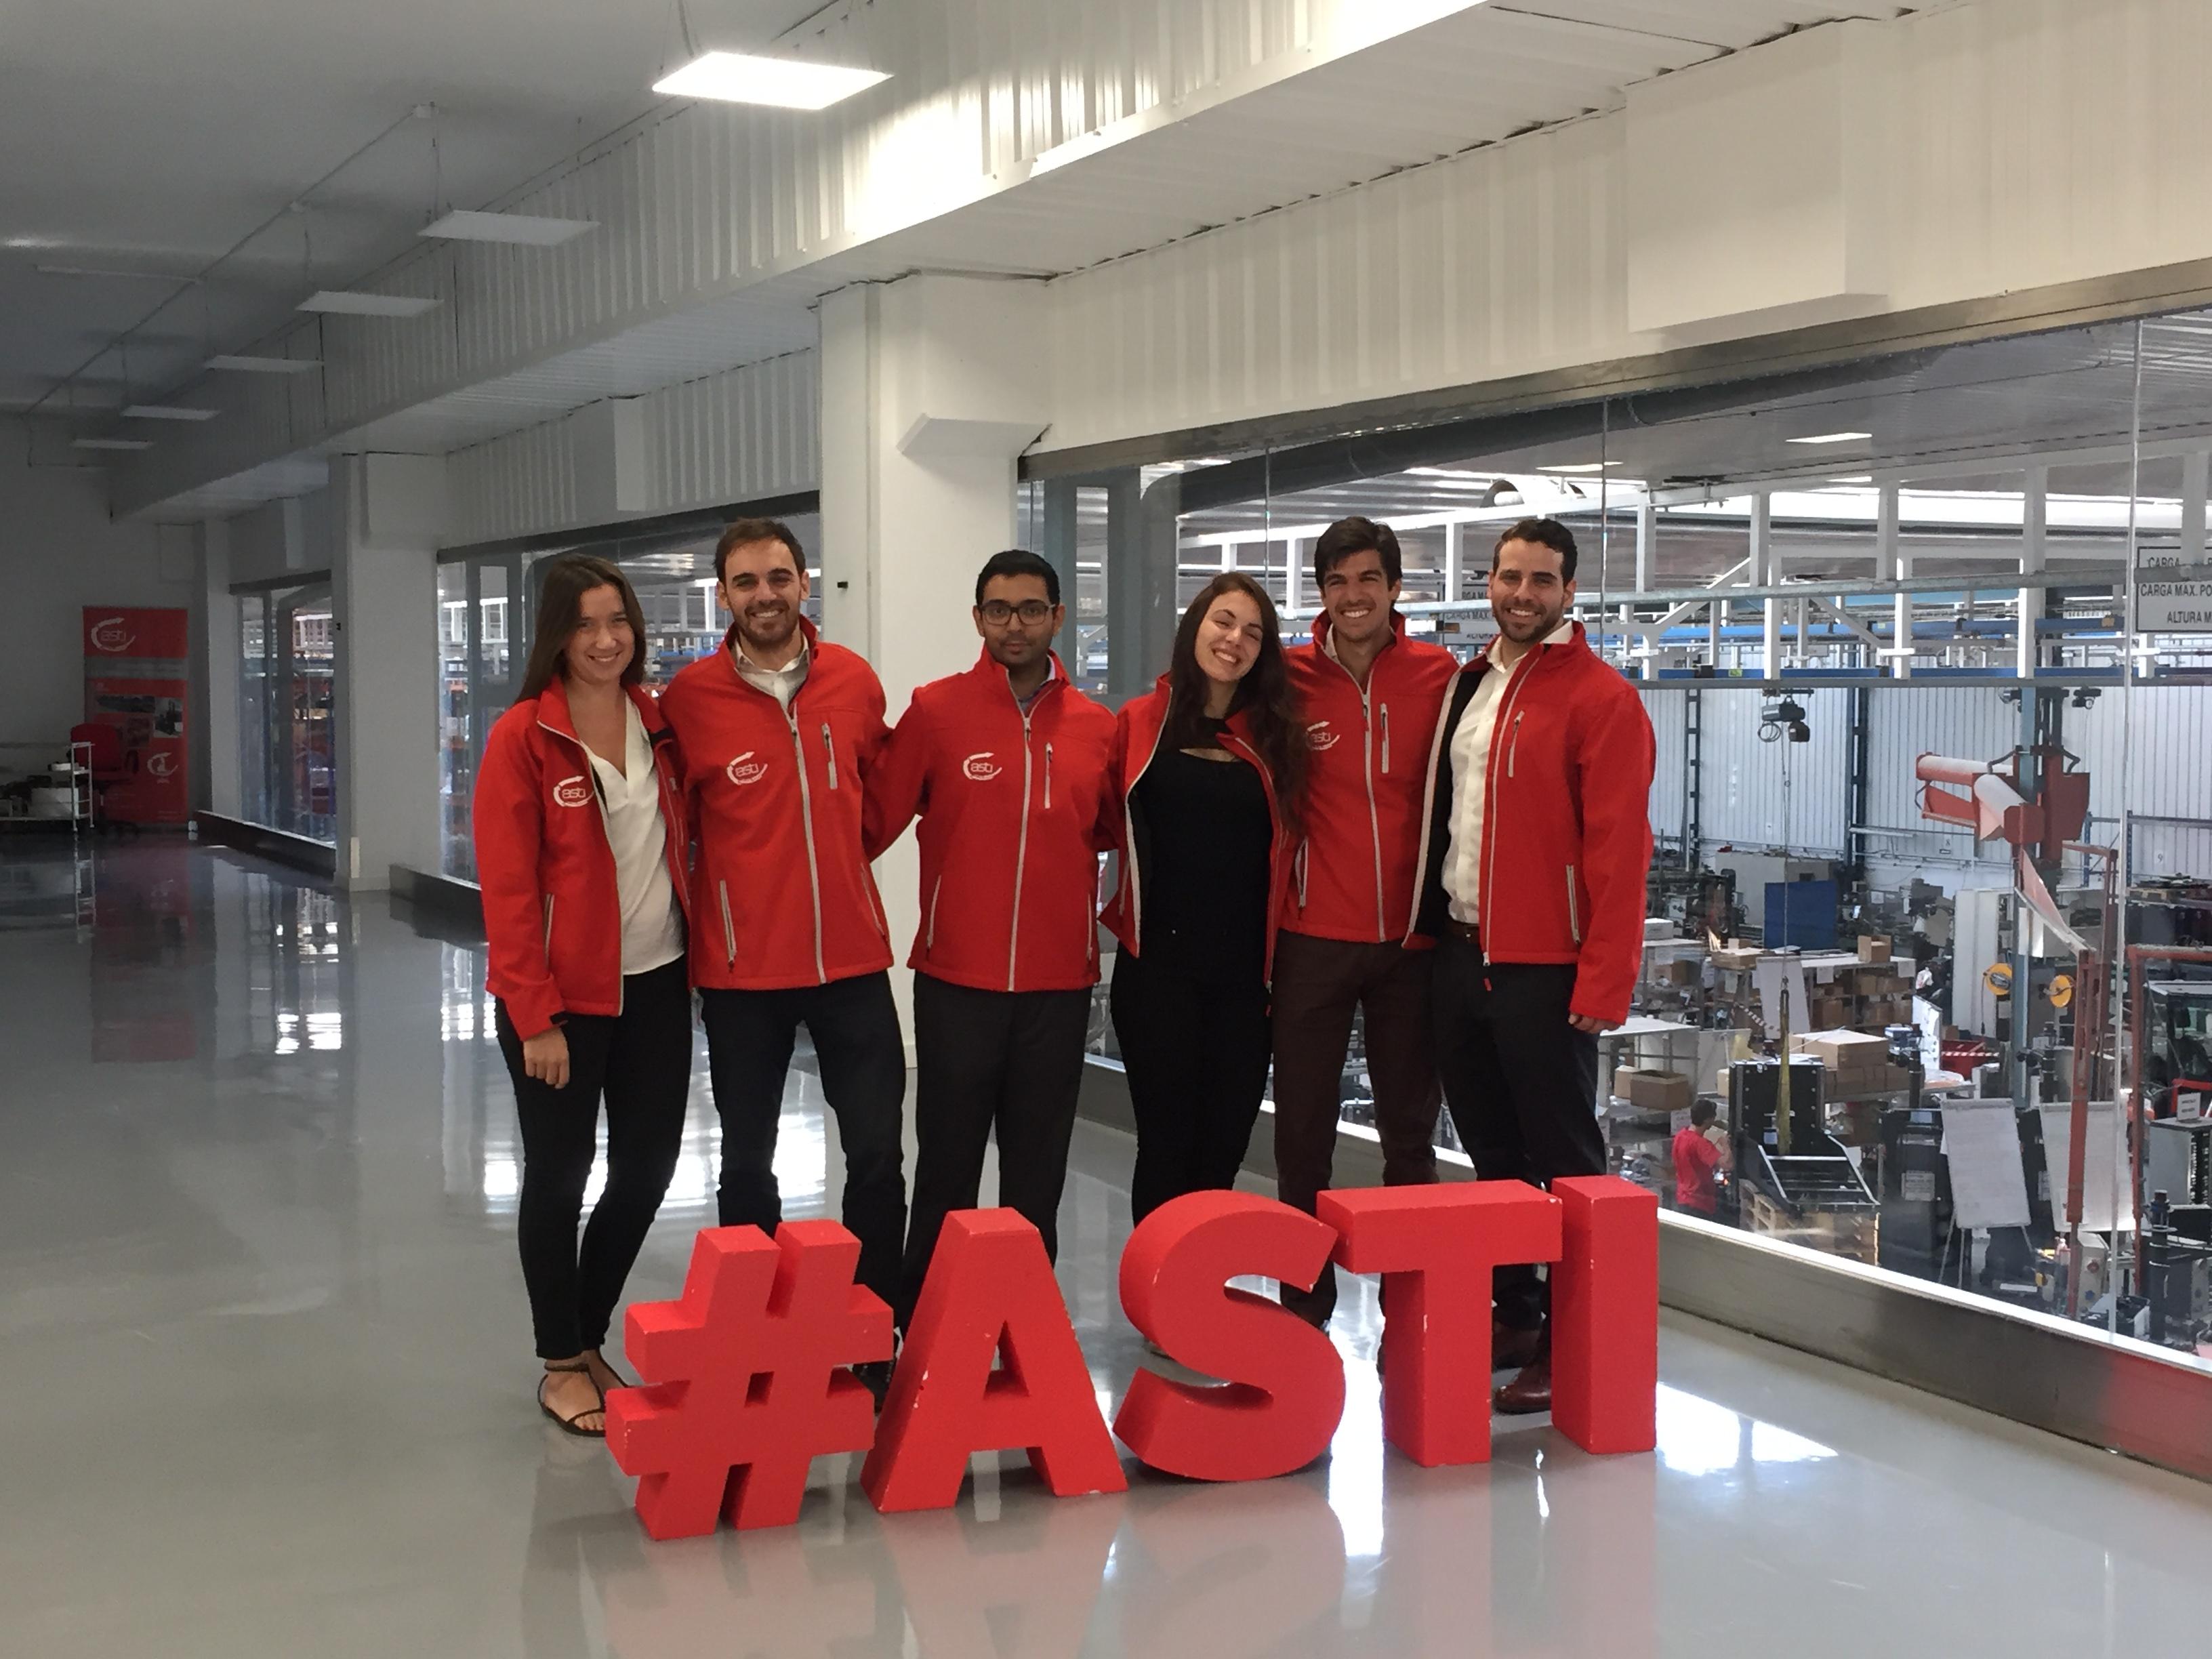 Alumnos de INSEAD colaboran en un proyecto estratégico de crecimiento de ASTI Technologies Group